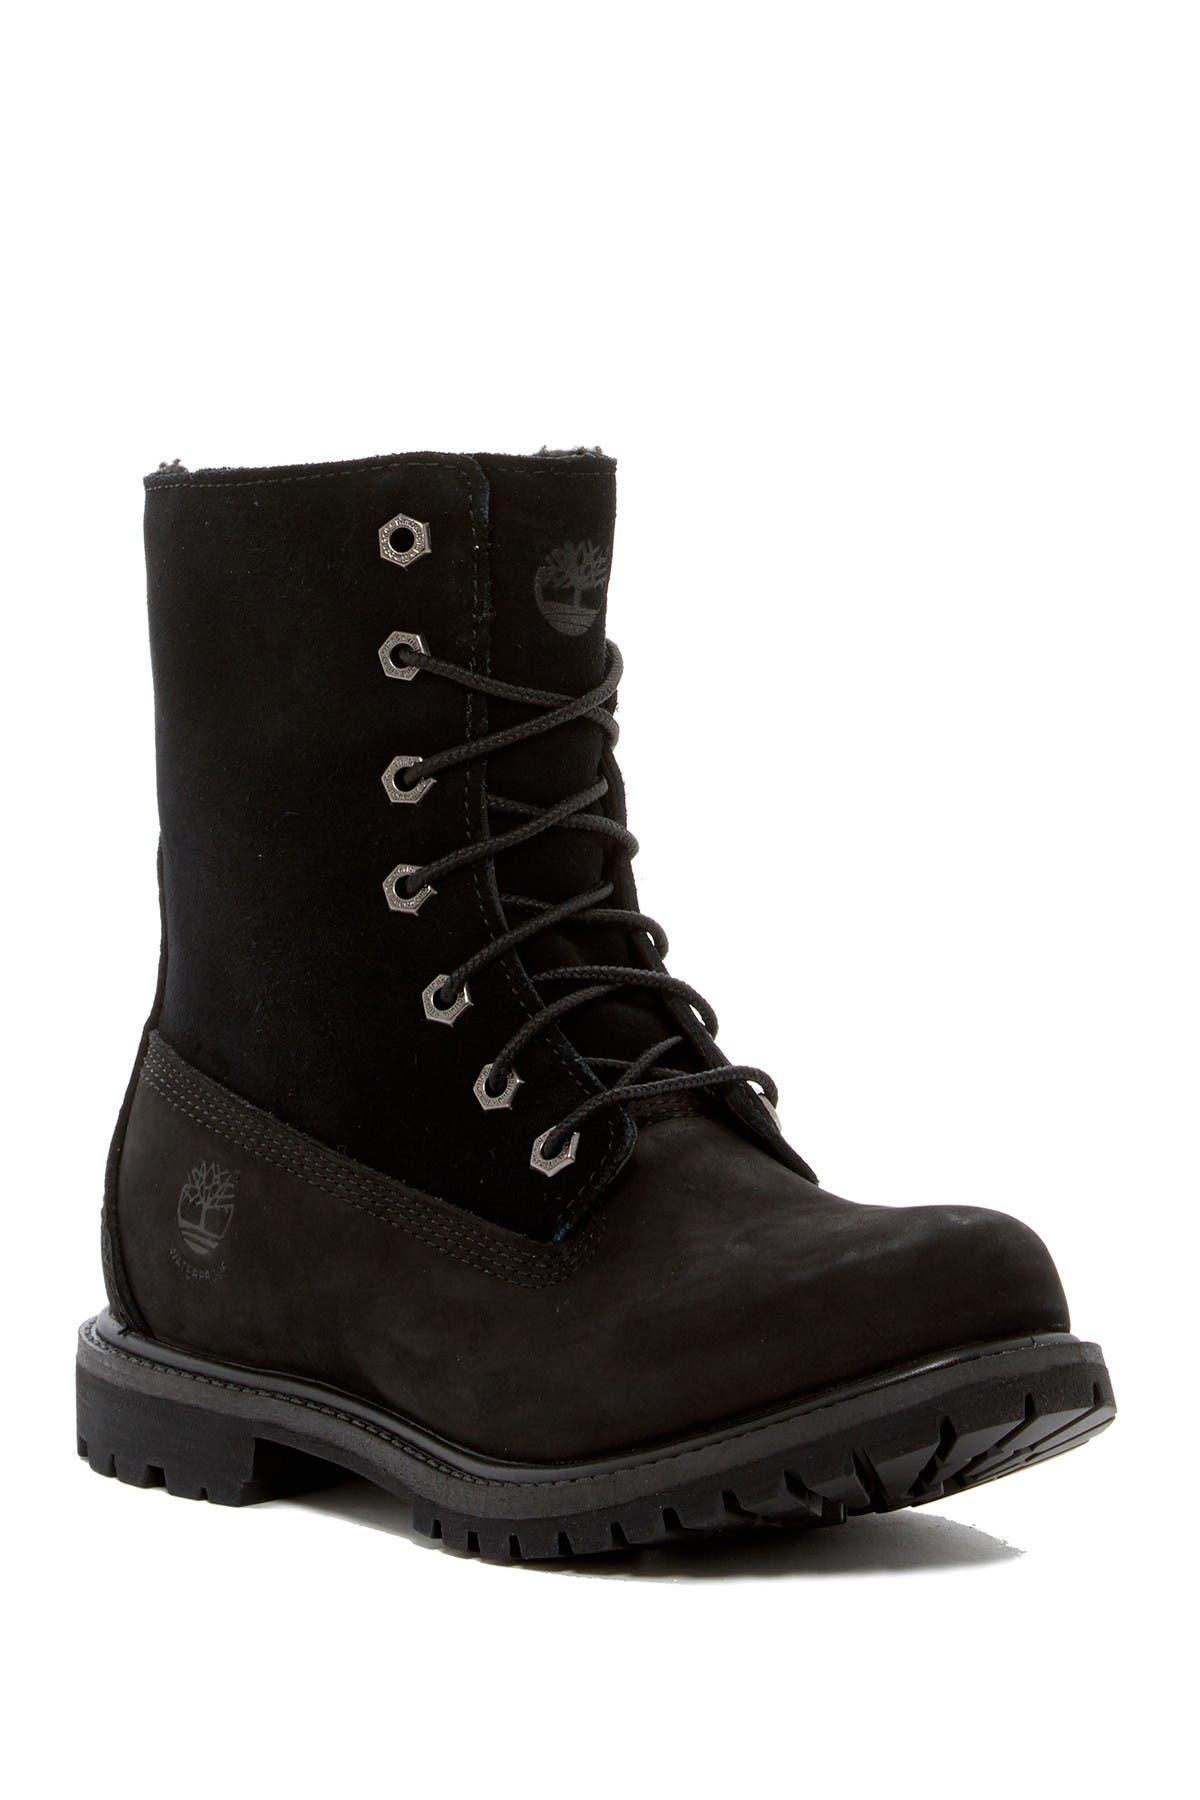 Image of Timberland Authentics Teddy Fleece Waterproof Suede Boot